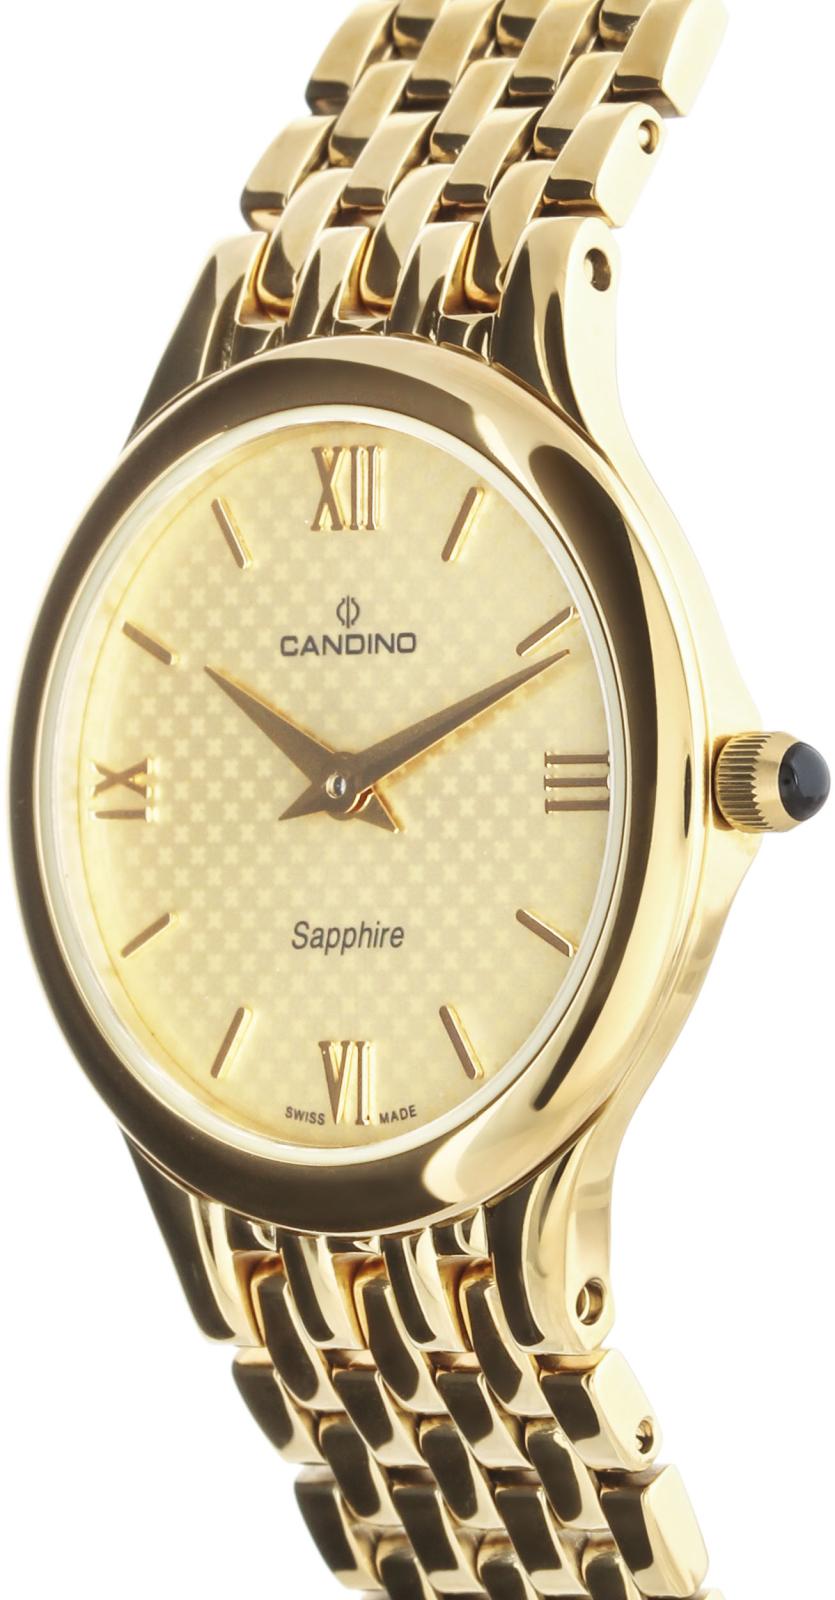 Candino Elegance C4365/3Наручные часы<br>Швейцарские часы Candino Elegance C4365/3Данная модель входит в коллекцию Elegance. Это женские часы. Материал корпуса часов &amp;mdash; сталь+золото. В этих часах используется сапфировое стекло. Водозащита этой модели 30 м. Цвет циферблата - золотистый. Циферблат часов содержит часы, минуты. Диаметр корпуса часов составляет 27мм.<br><br>Пол: Женские<br>Страна-производитель: Швейцария<br>Механизм: Кварцевый<br>Материал корпуса: Сталь+Золото<br>Материал ремня/браслета: Сталь+Золото<br>Водозащита, диапазон: 20 - 100 м<br>Стекло: Сапфировое<br>Толщина корпуса: None<br>Стиль: Классика